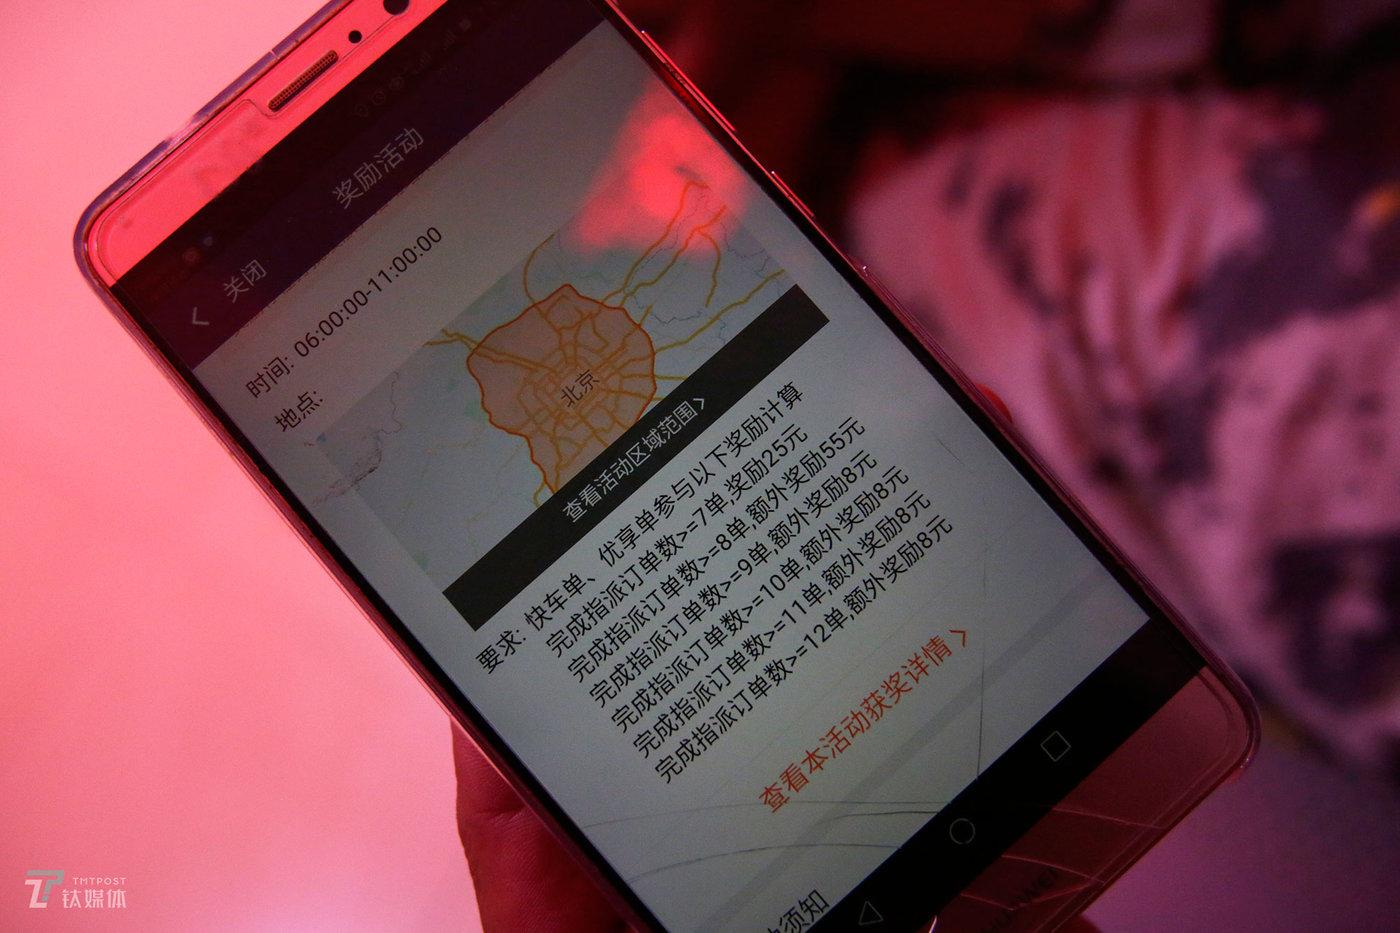 大海向钛媒体《在线》展示滴滴早高峰的奖励政策。早上6点到中午11点,在北京六环以内完成7单,优享司机可以得到25元奖励;完成8单,奖励金额在25元基础上增加55元。